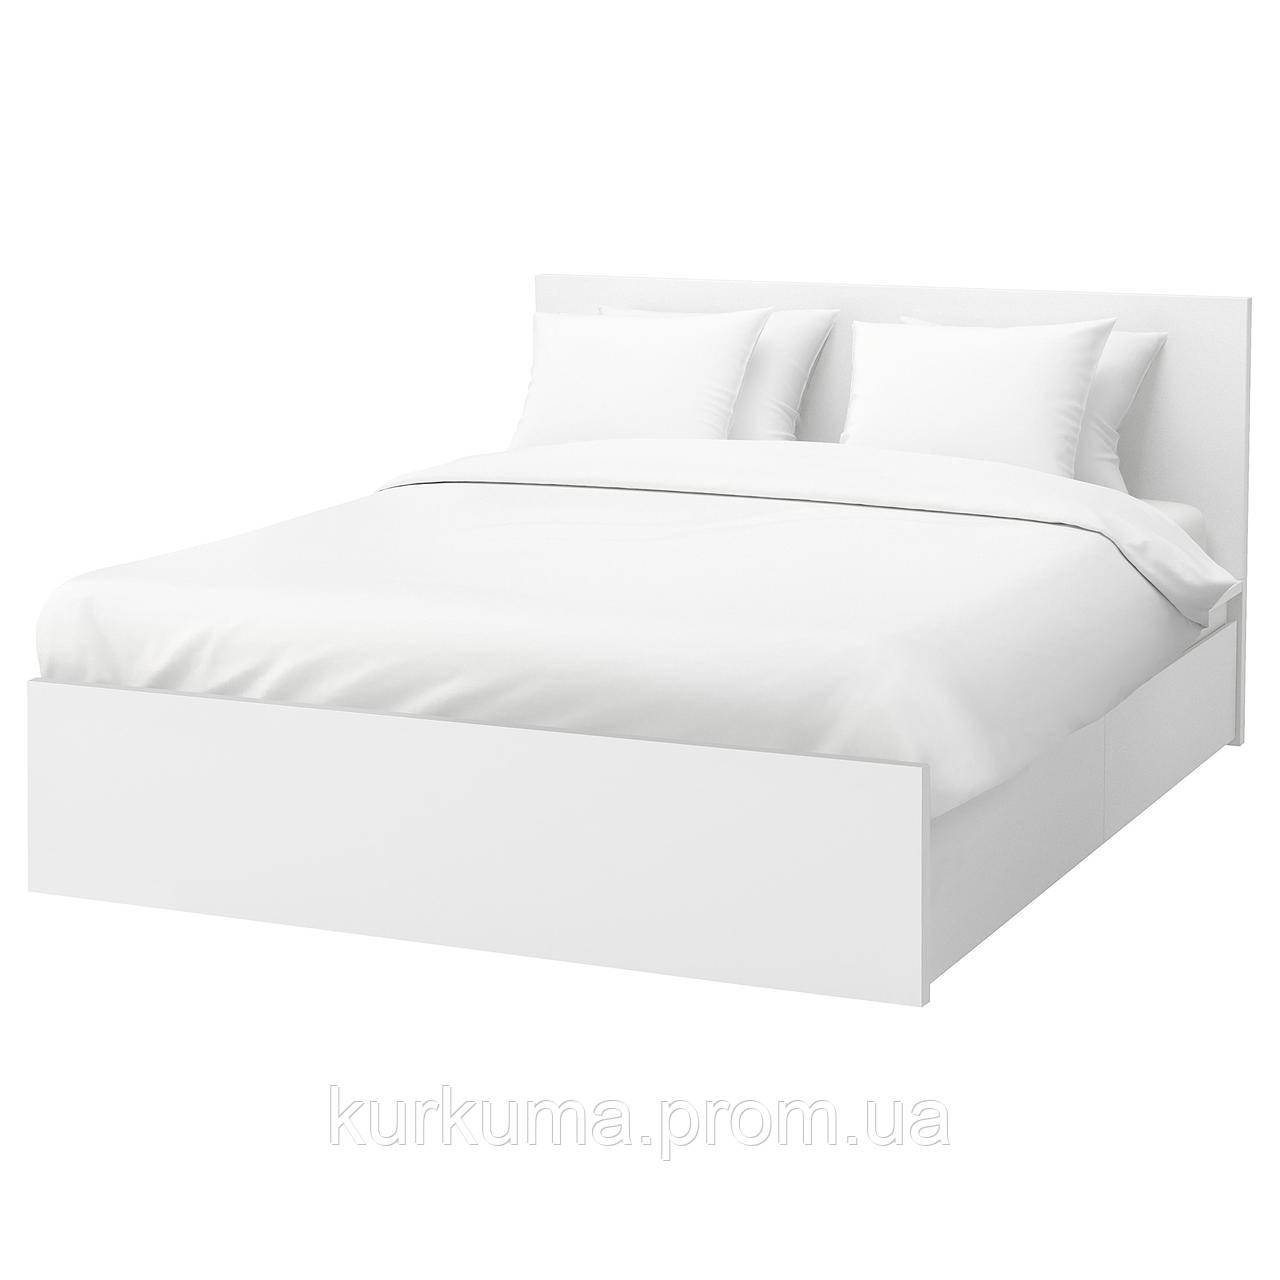 IKEA MALM Кровать высокая, 4 ящика, белый  (599.316.13)